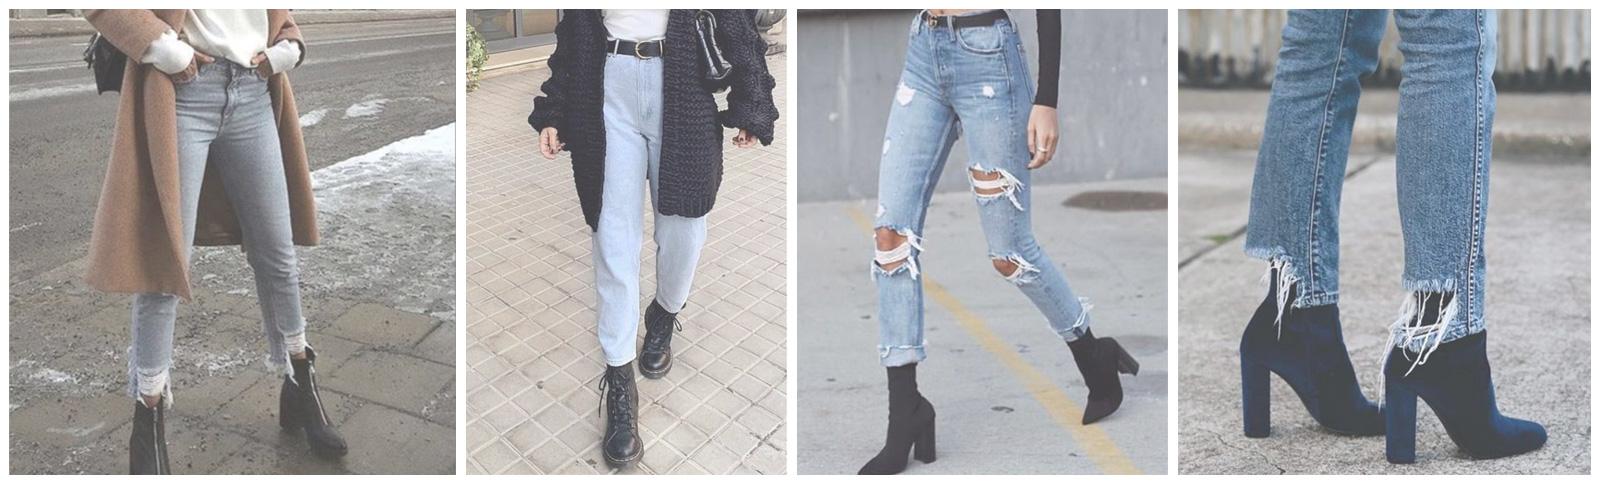 Dobieramy Buty Do Jeansow W Roznych Fasonach Blog Brilu Pl